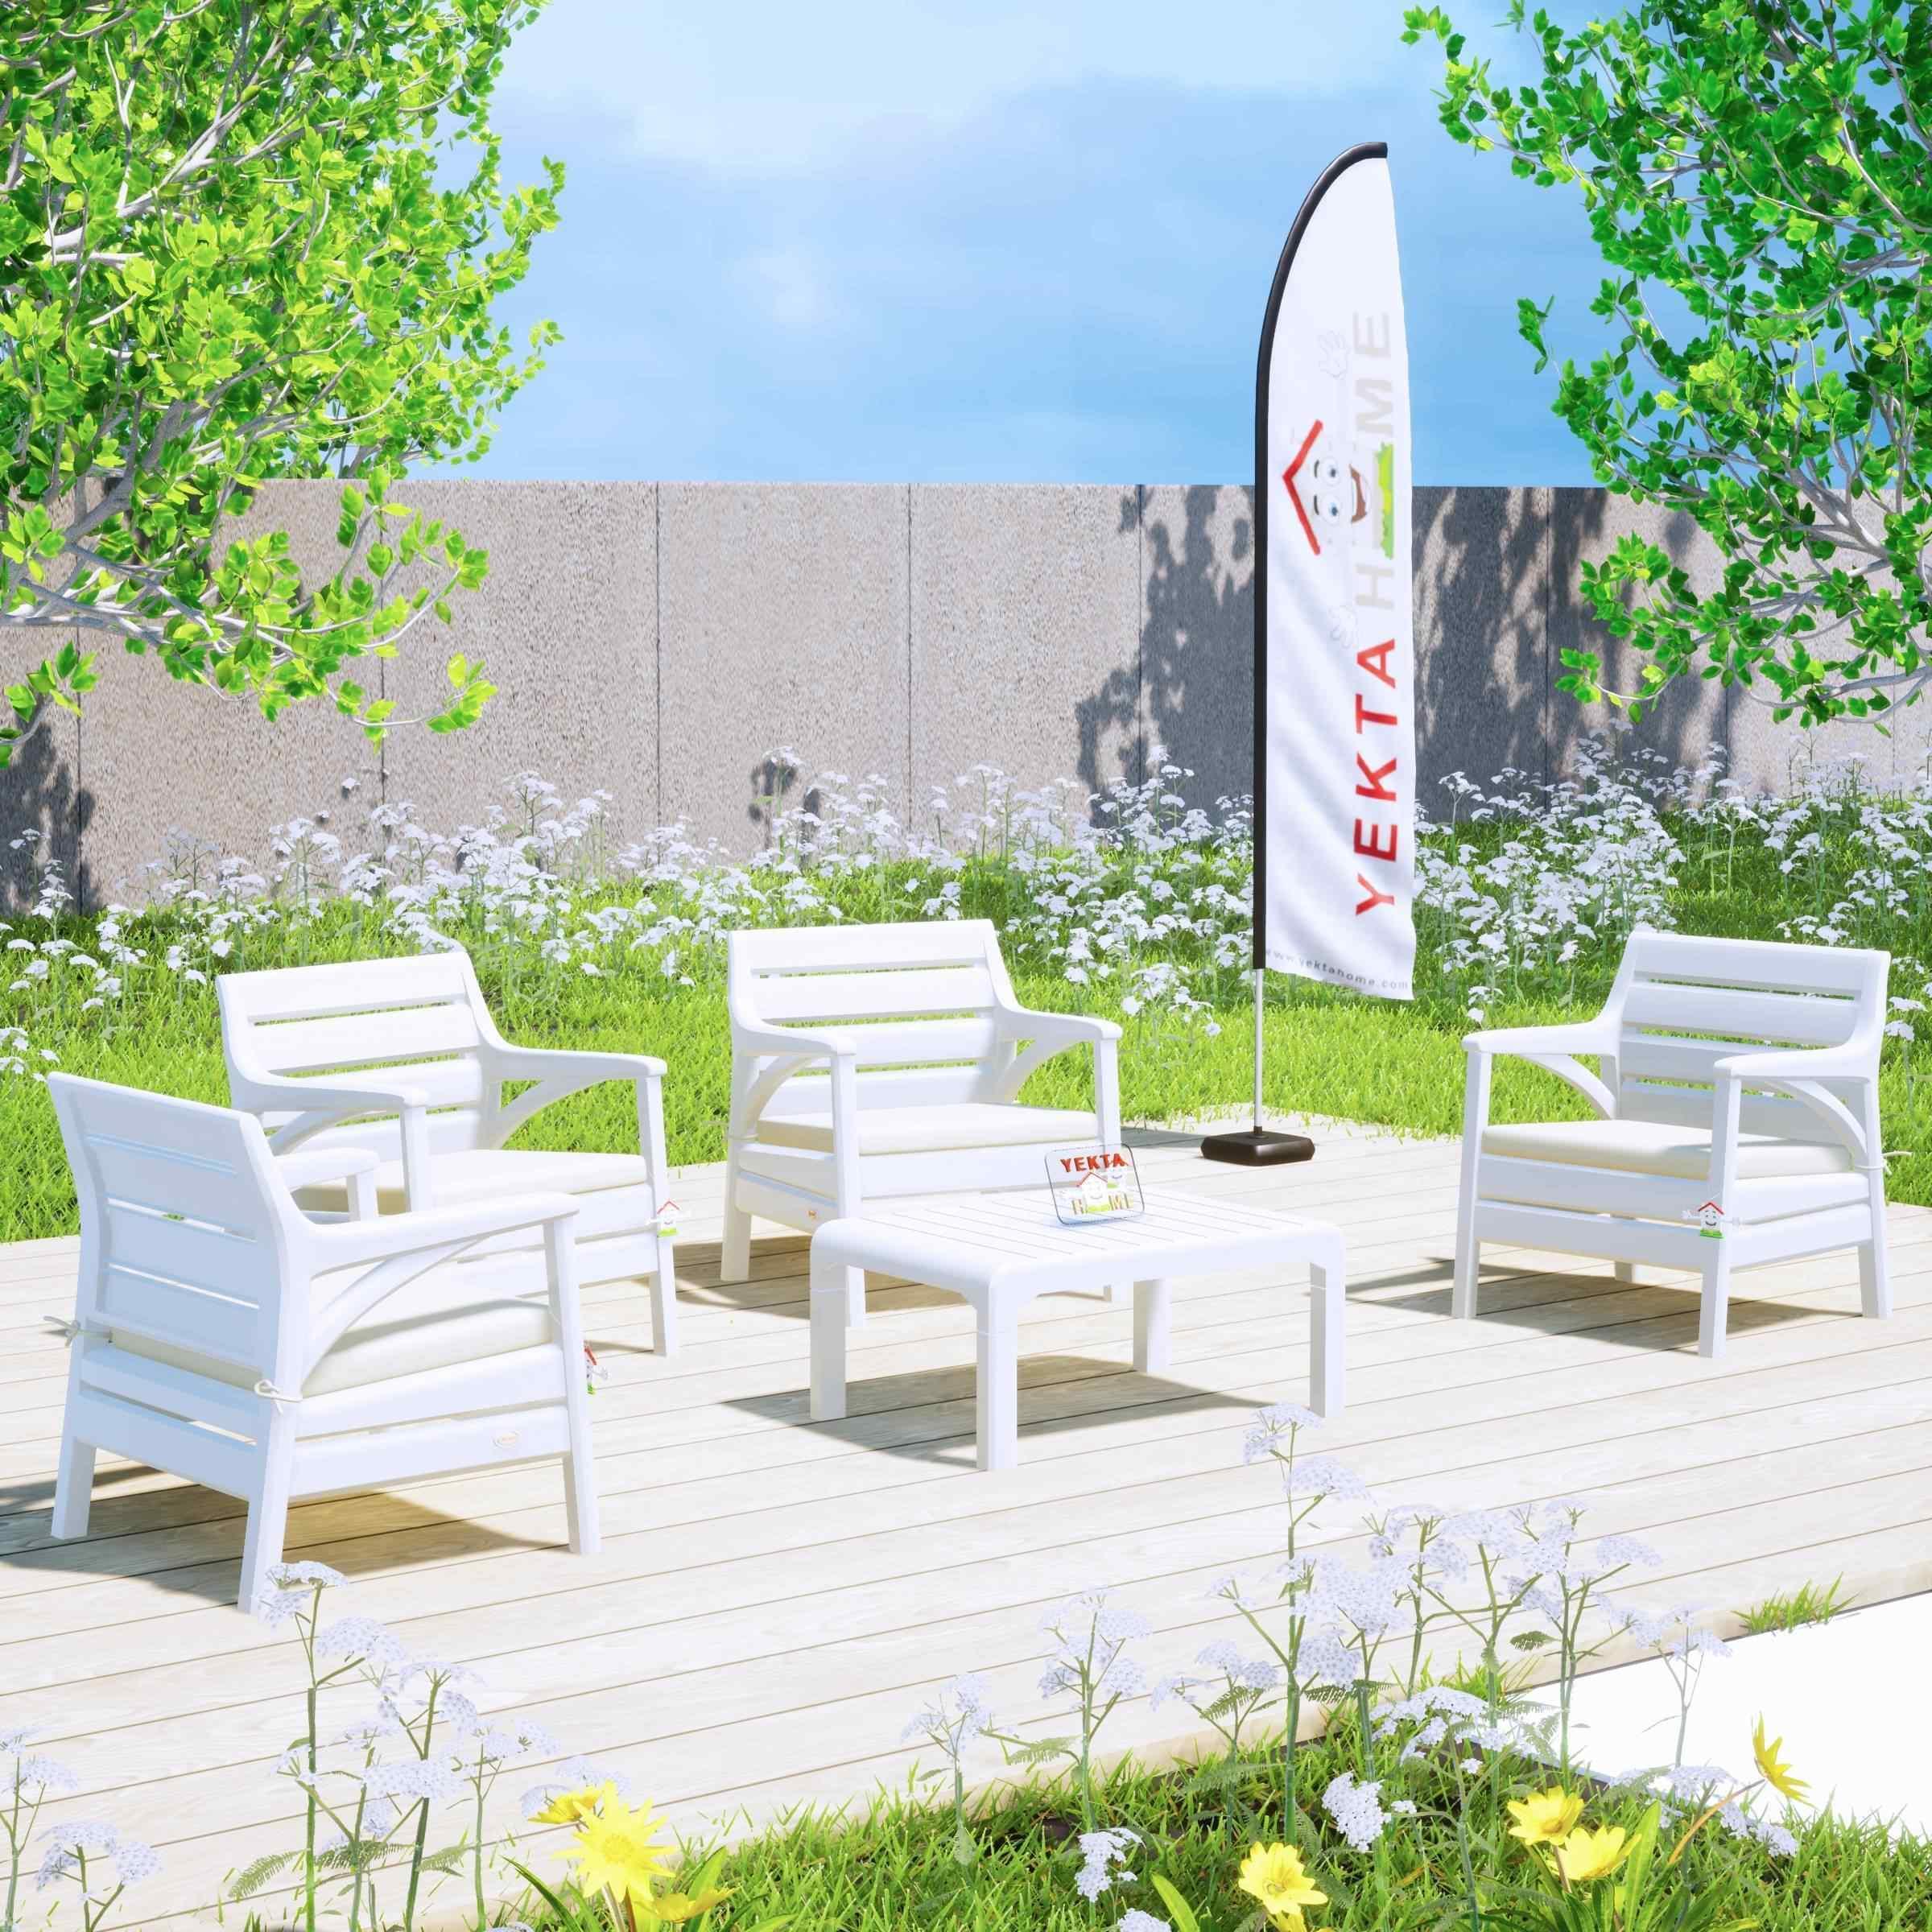 Holiday Madrid Bahçe Mobilyası Balkon Koltuk Takımı Beyaz